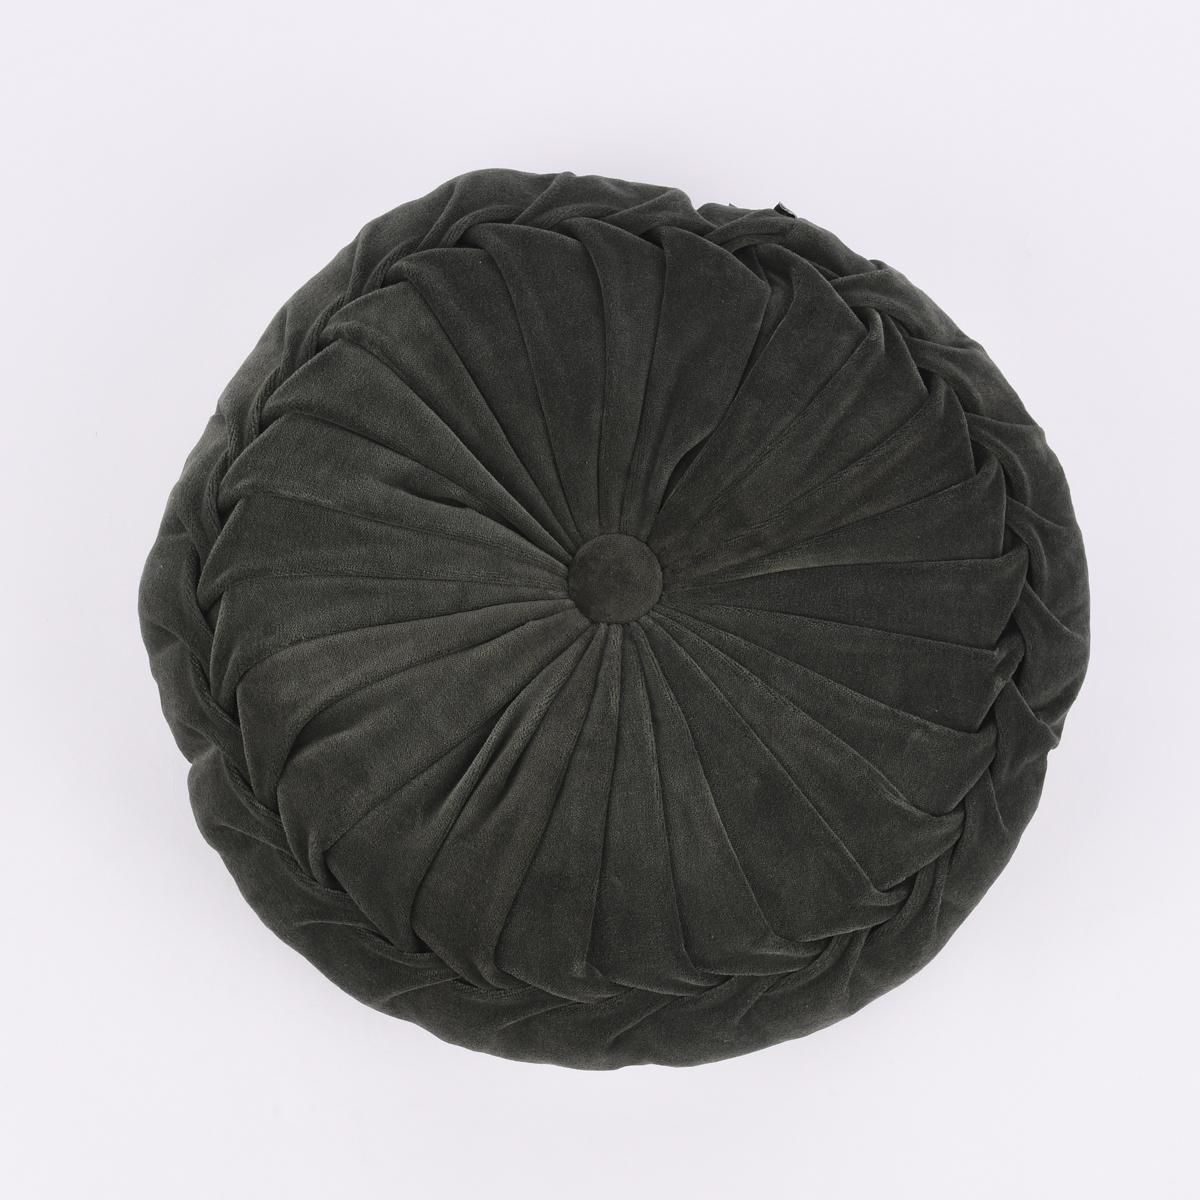 Kissen Samtkissen rund dunkles waldgrün 40x12cm